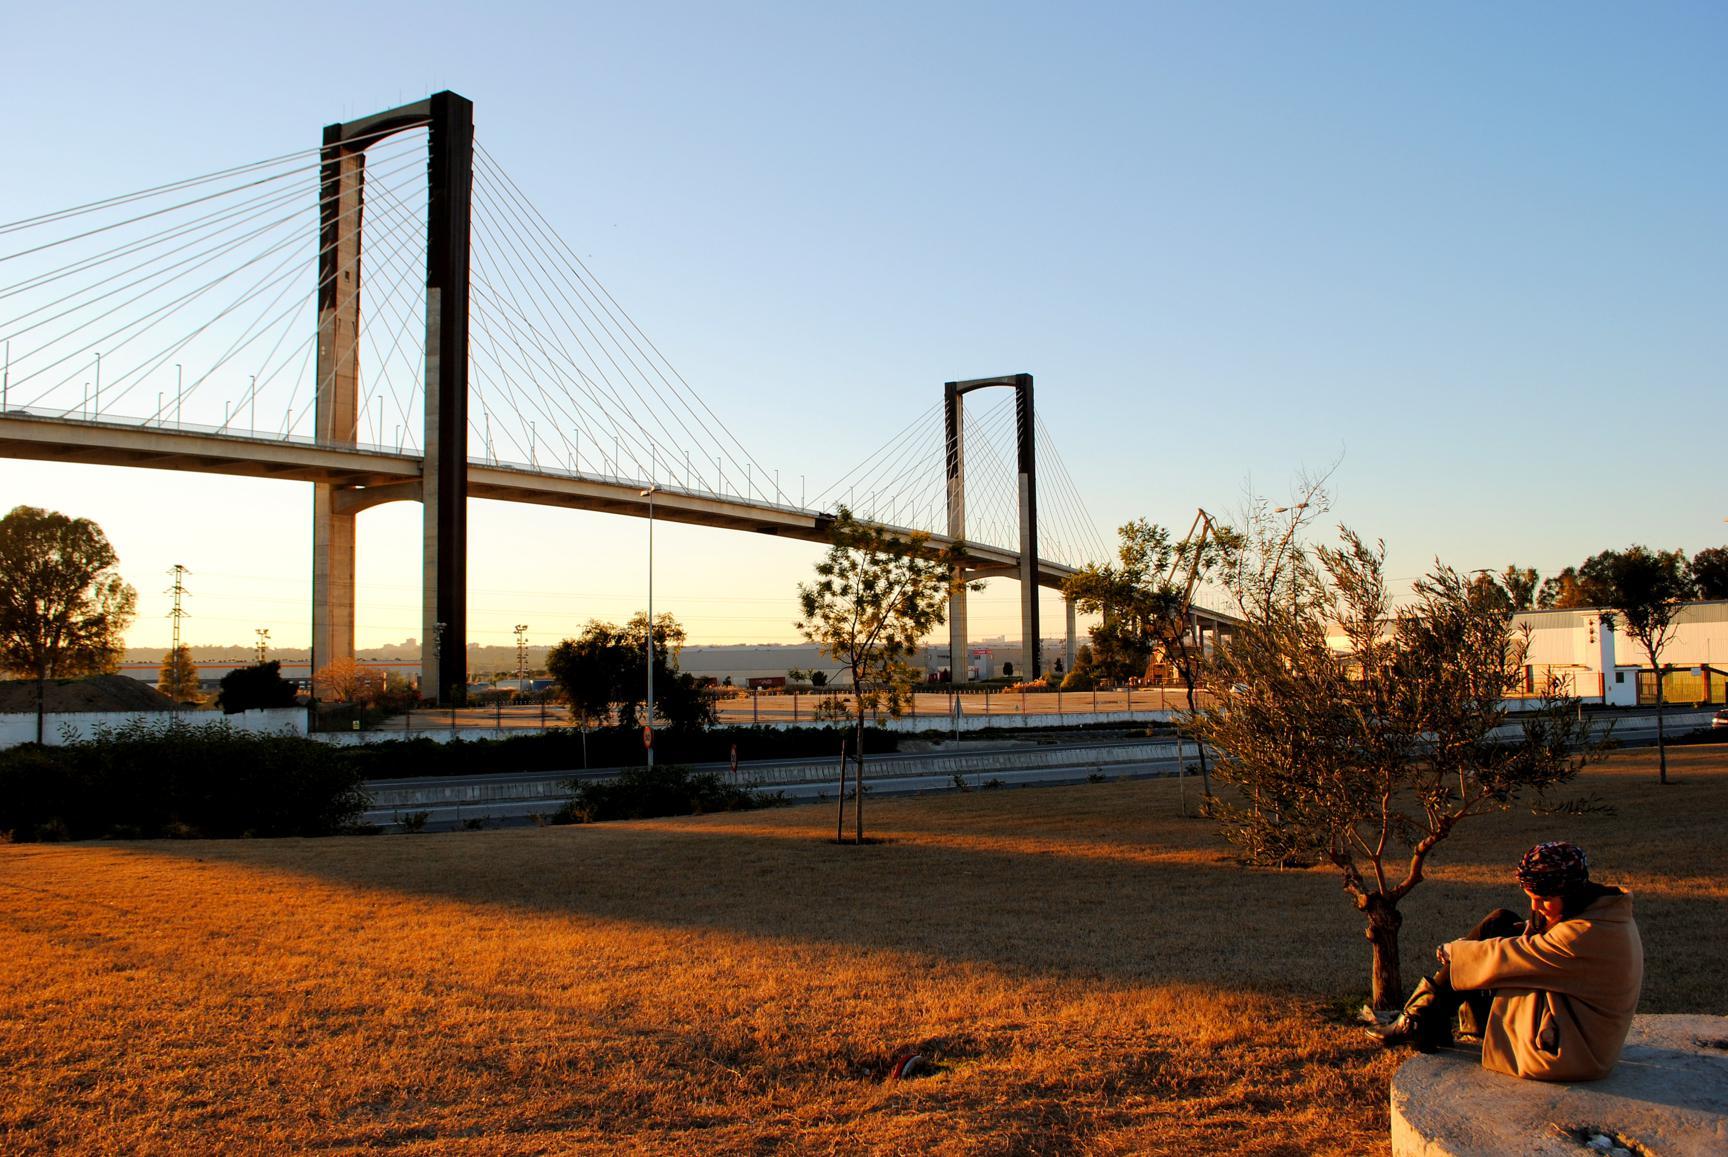 que-ver-sevilla-guadalquivir-puente-v-centenario